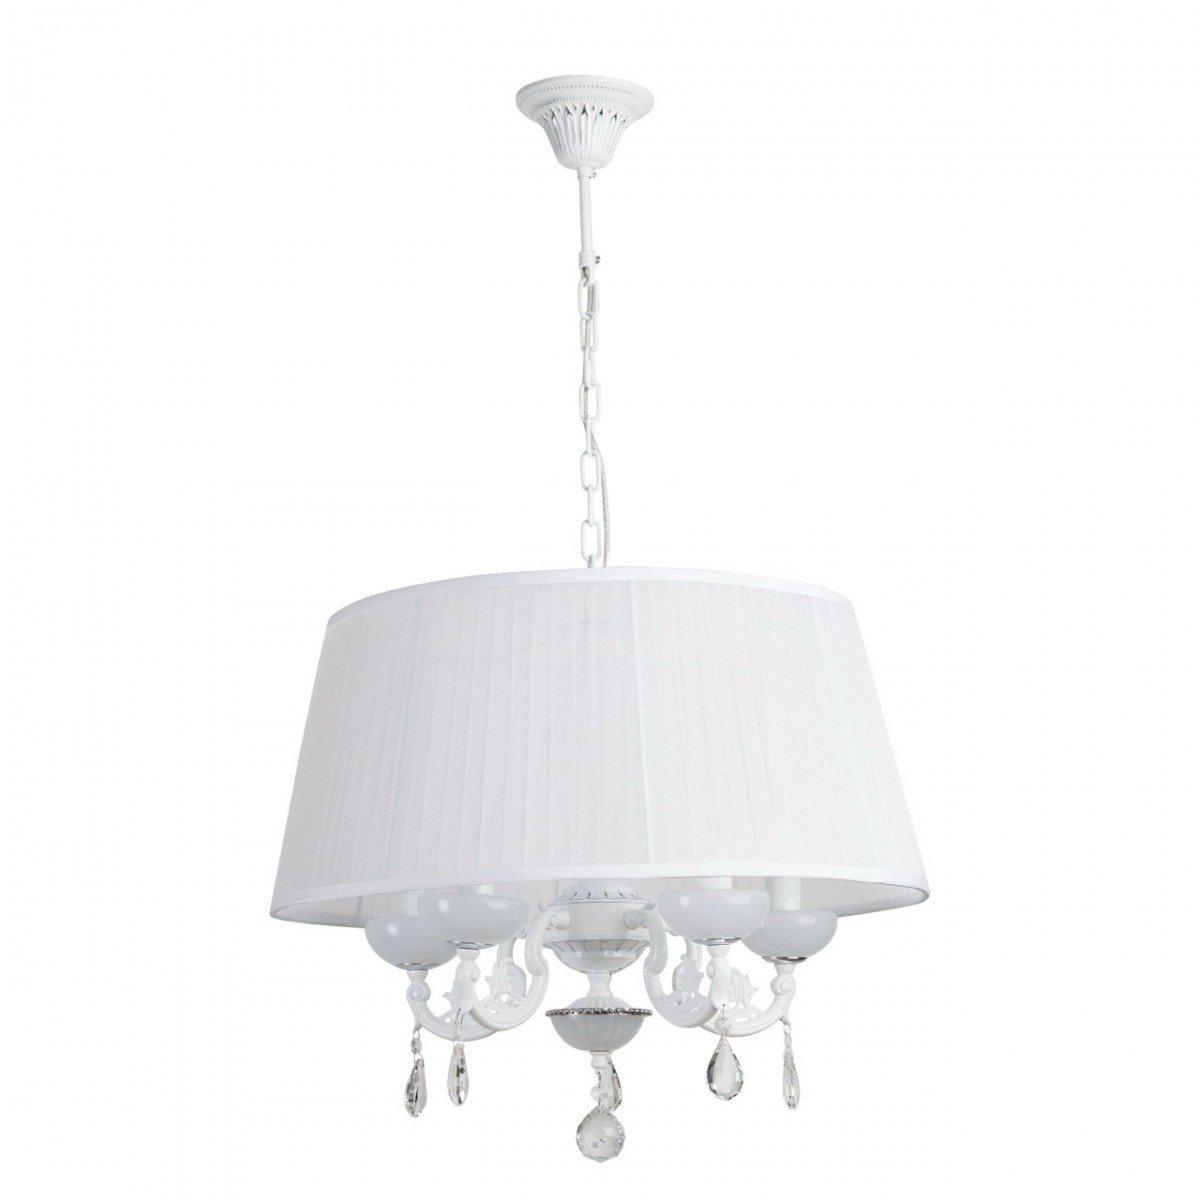 Deckenleuchte Deckenlampe Lampe Leuchte Crystal Style, rund Ø 55 cm, Weiß / Chrom mit Kristallen, 5 x E14 max. 60 W